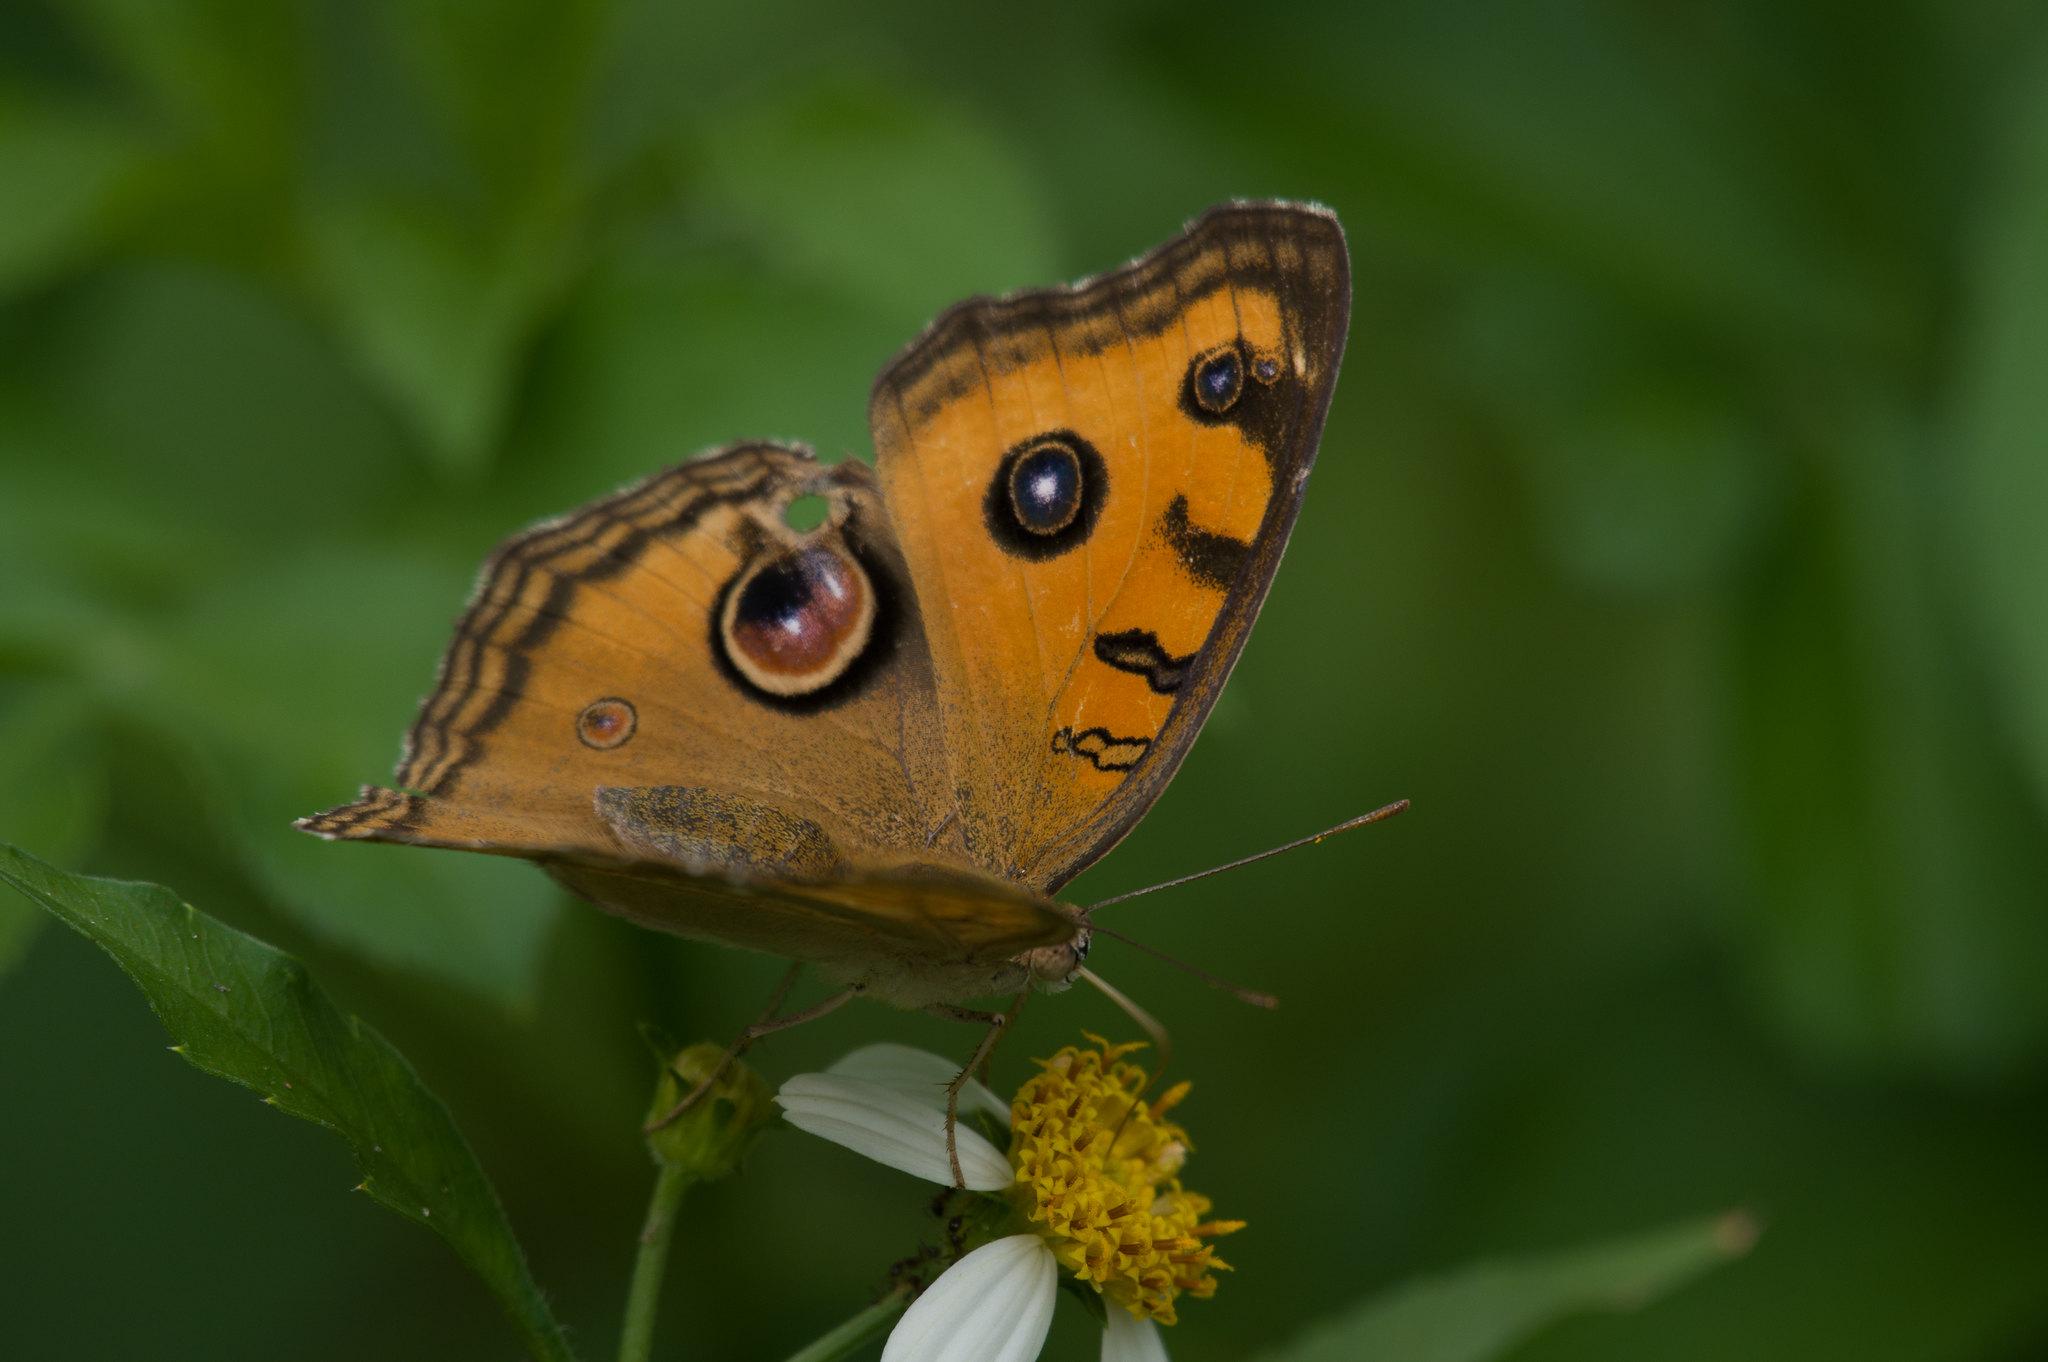 孔雀紋蛺蝶